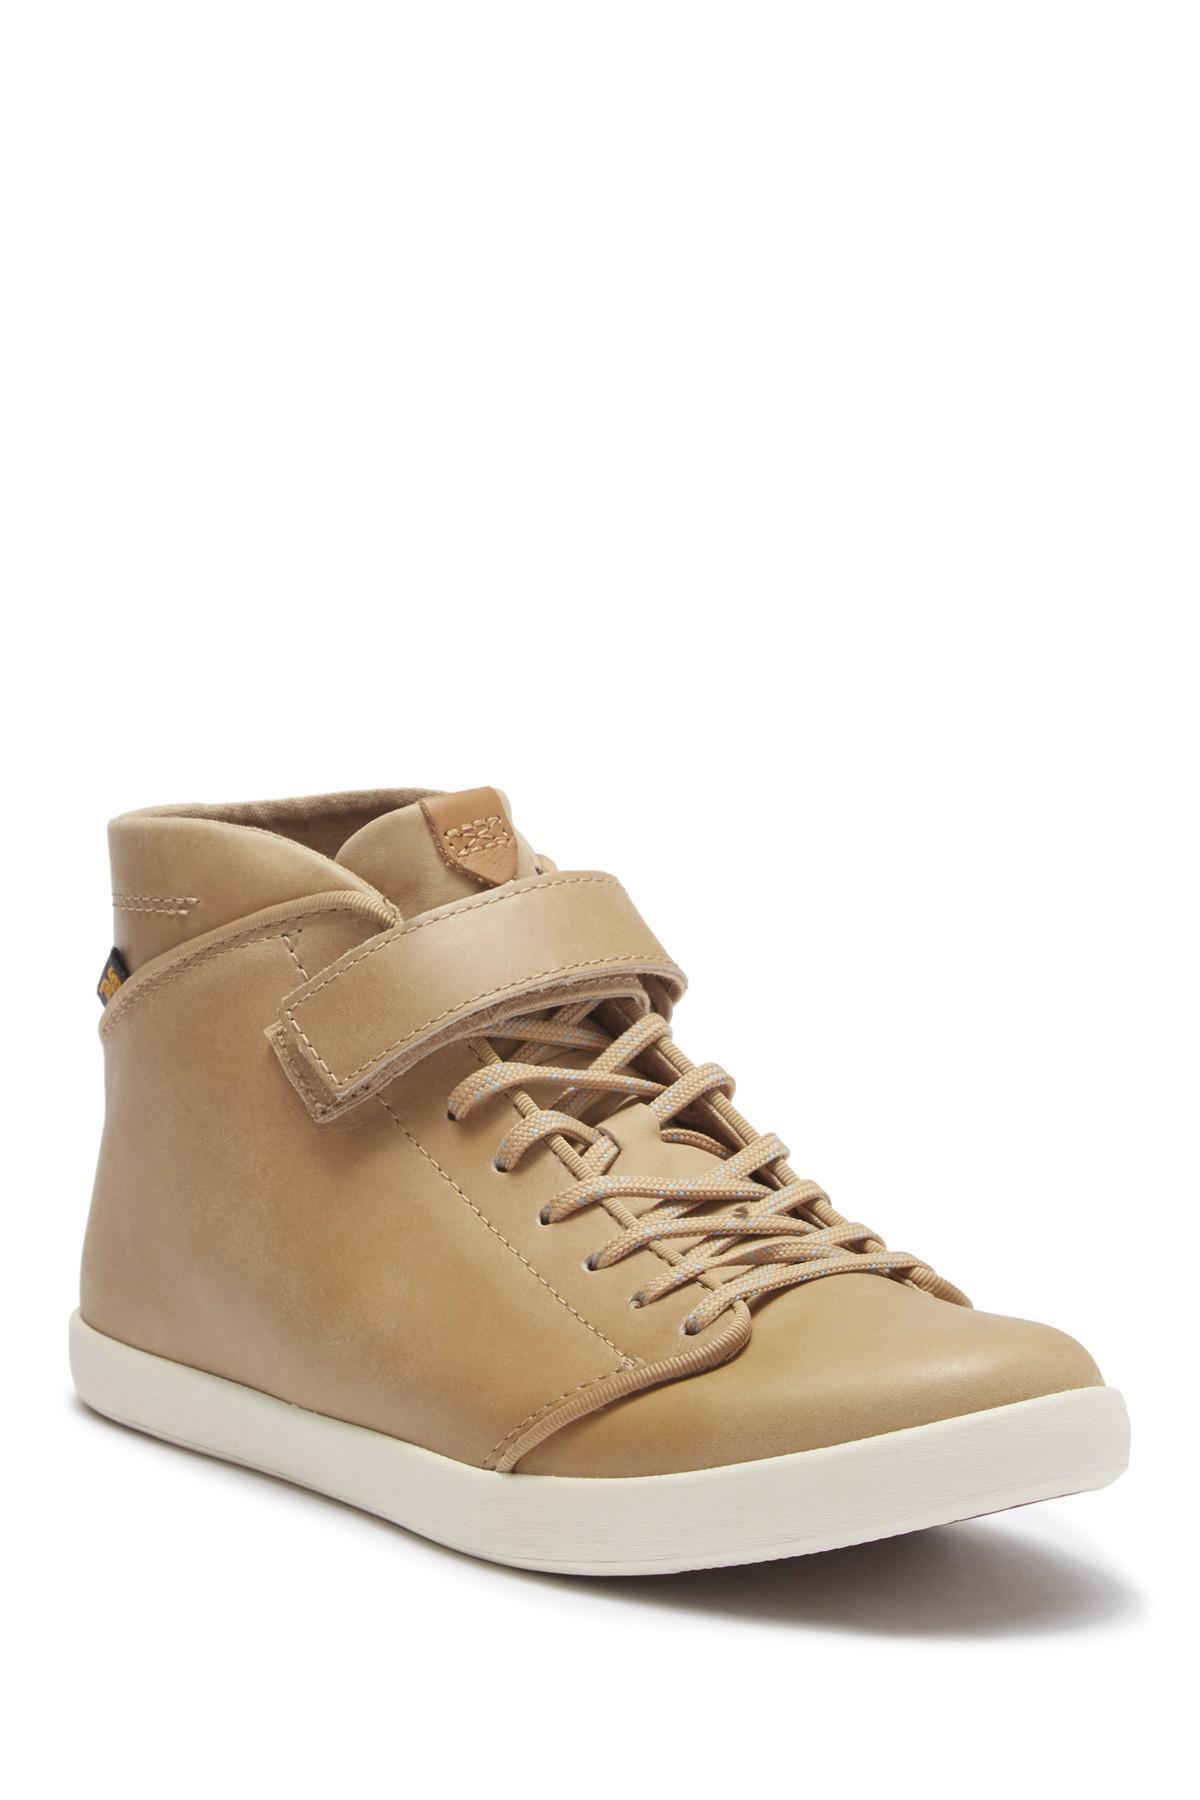 Teva Willow Leather Chukka Sneaker ZhRJ3AgLA